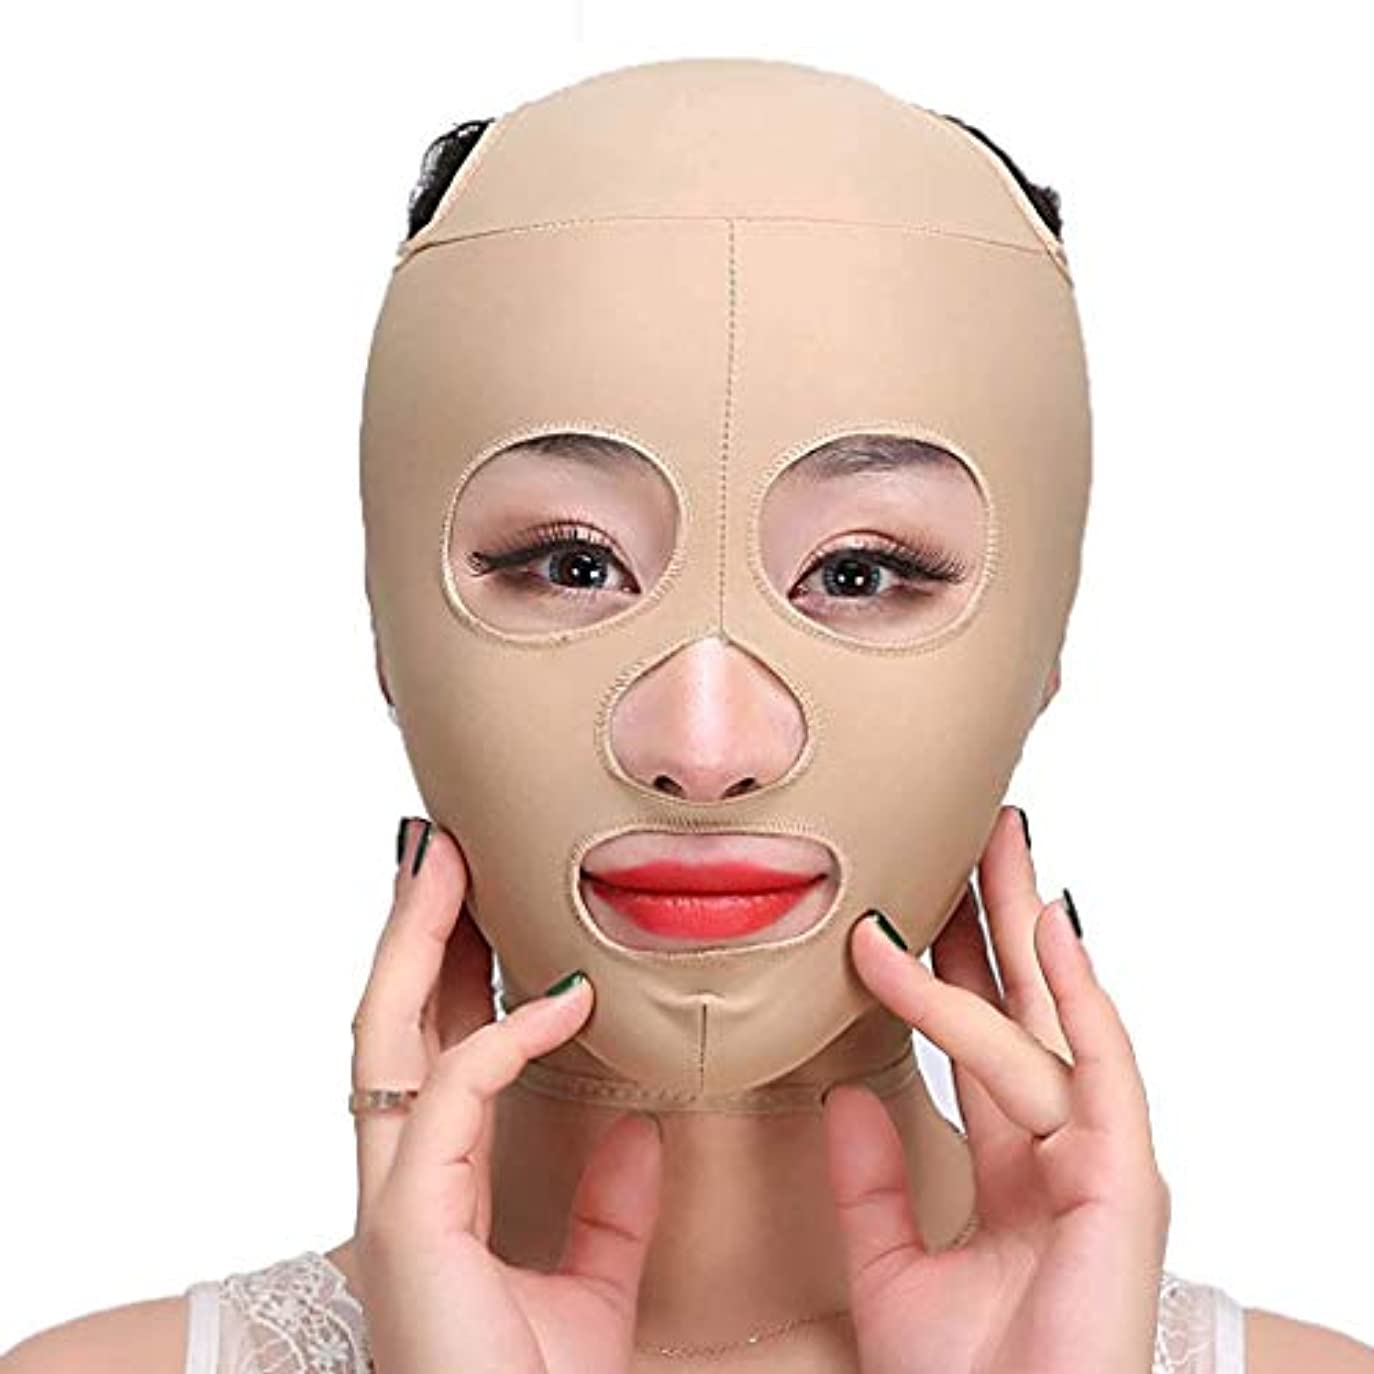 痩身ベルト、フェイスマスクシンフェイス機器リフティング引き締めVフェイス男性と女性フェイスリフティングステッカーダブルチンフェイスリフティングフェイスマスク包帯フェイシャルマッサージ(サイズ:M)